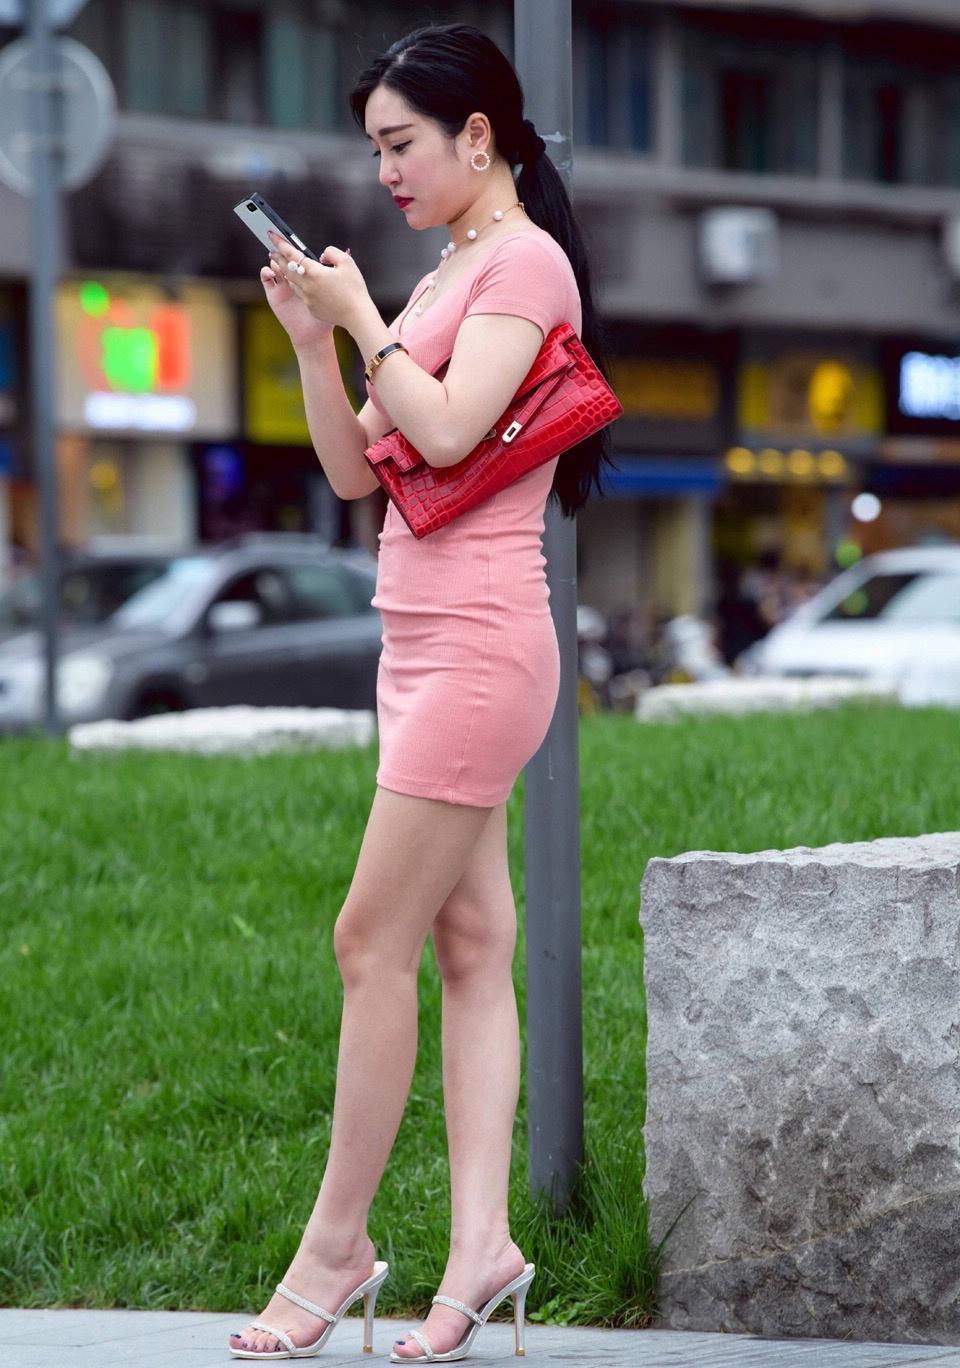 少妇让我射三次�_街拍: 丰满的少妇紧身裙出街, 微胖的会减分吗?